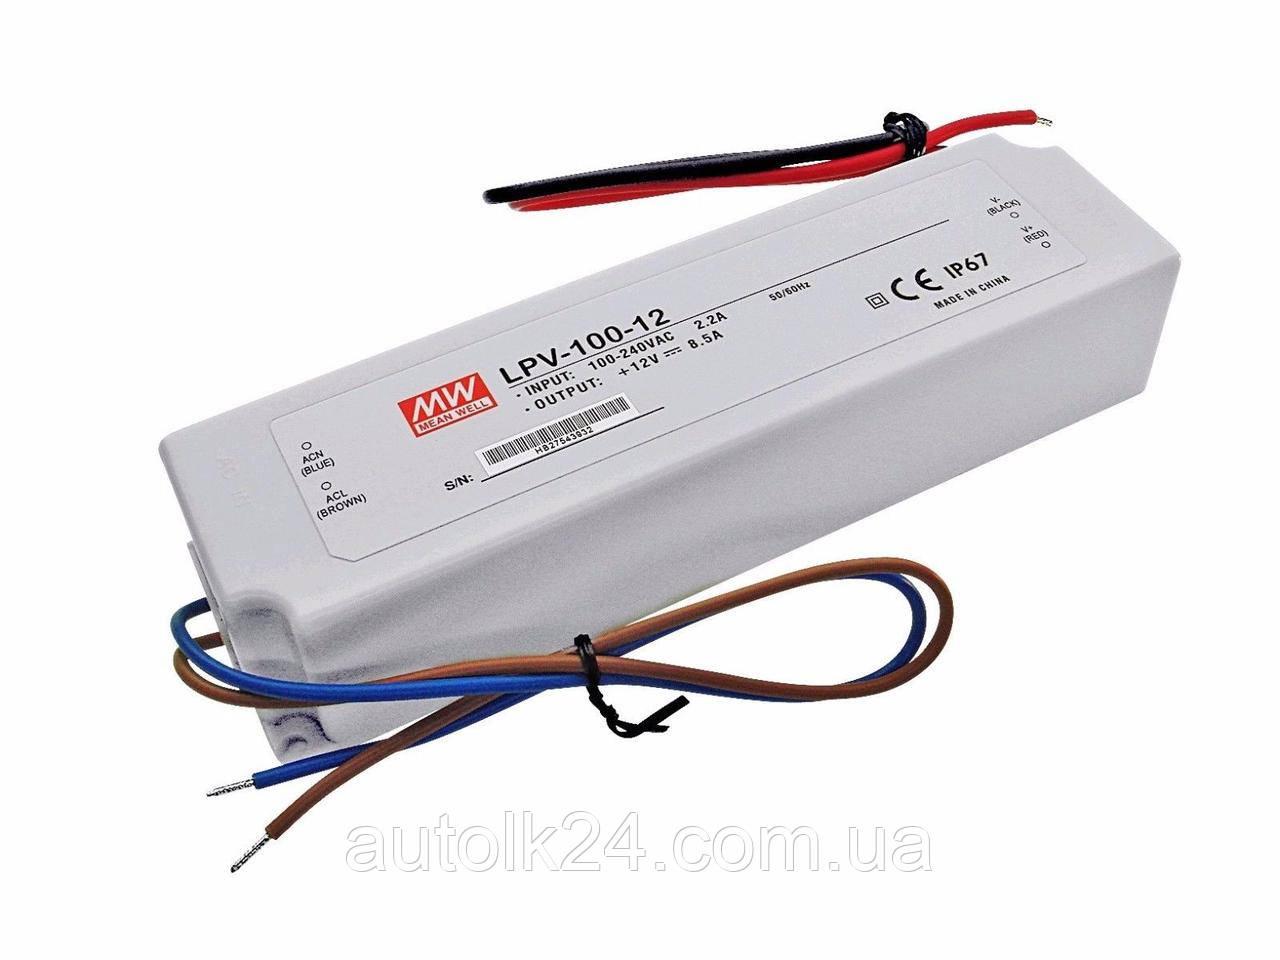 Блок живлення MW Mean Well LPV - 100W-12V-8,5 A - IP67 герметичний